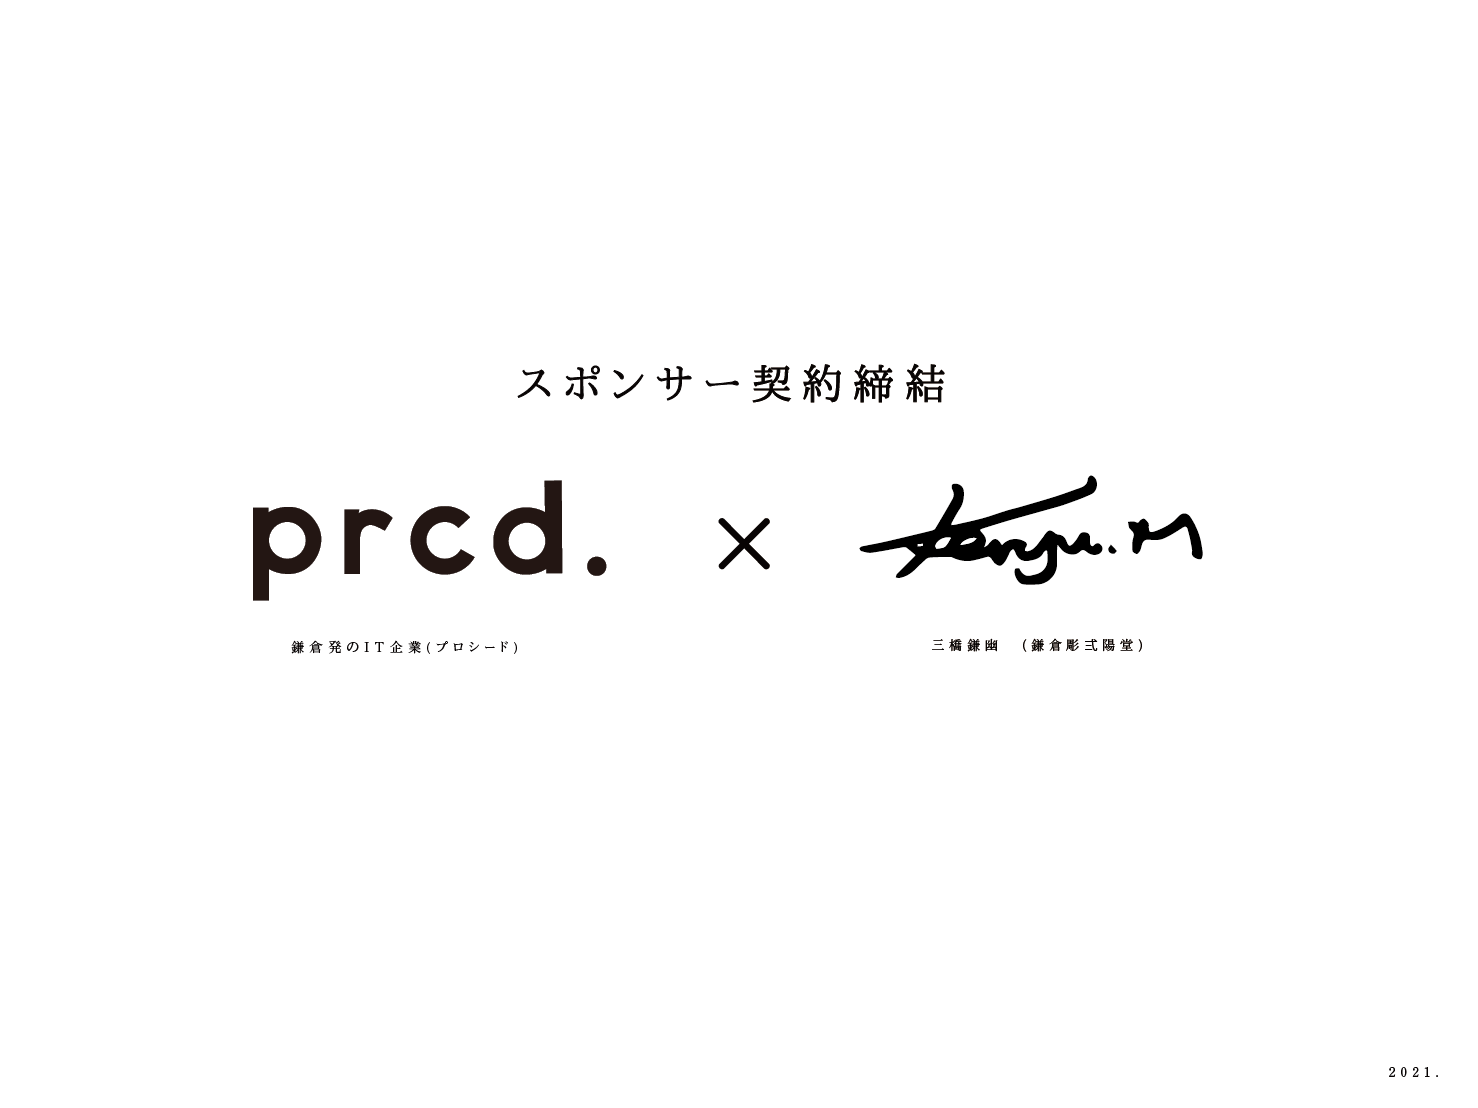 三橋鎌幽×株式会社プロシード、スポンサー契約締結のお知らせ。